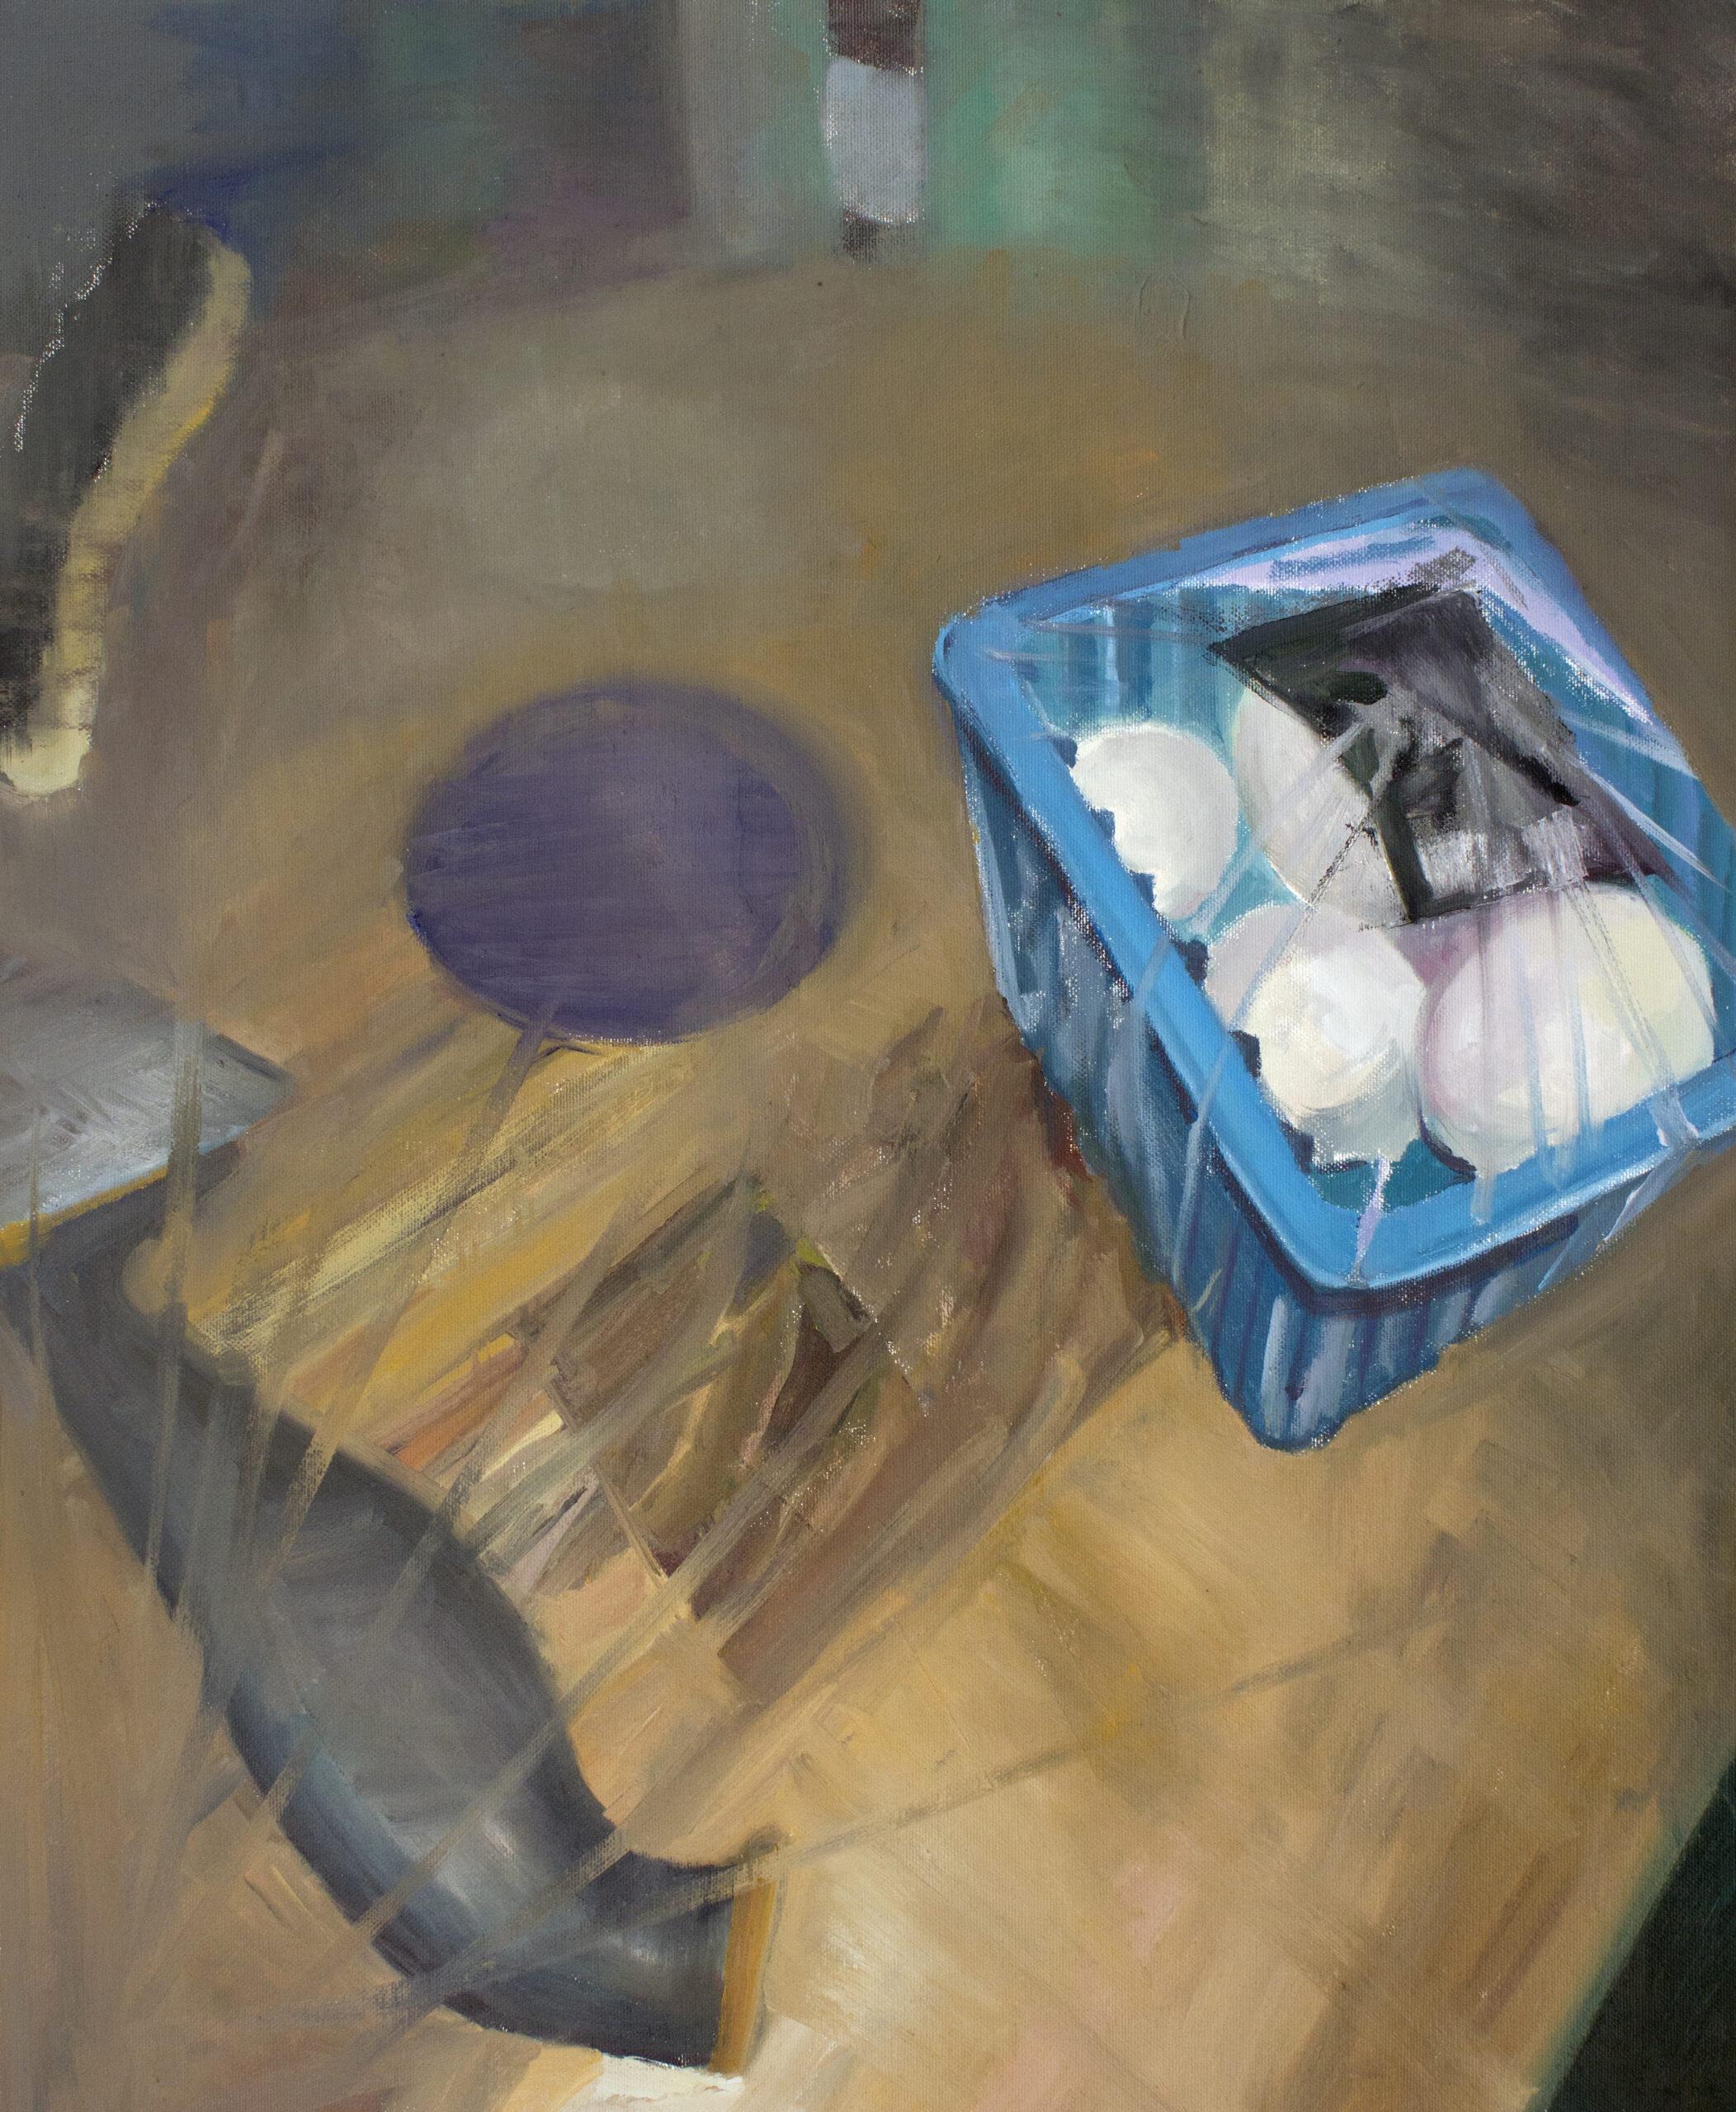 RIUTTA  – Pauliina Heiskanen — Koirani söi homeisen leivän, tomaatteja ja hiuksia roskakorista 6.5. -29.5.2021